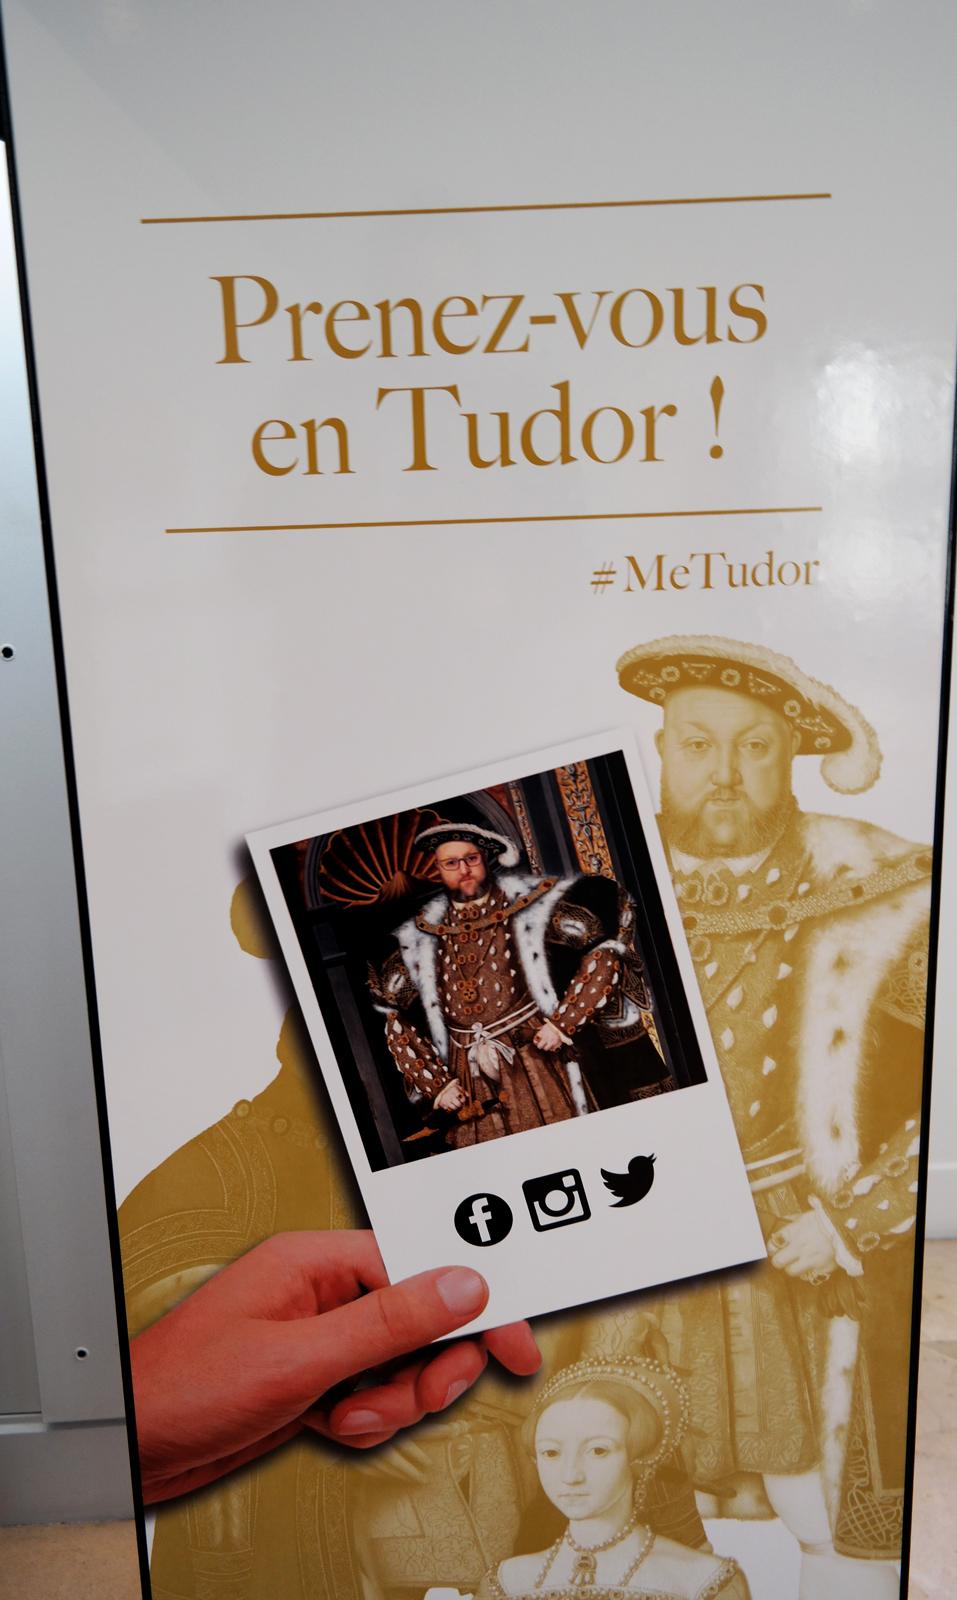 Cabine-photomaton-photo-originale-Prenez-vous-en-Tudor-MeTudor-Joue-la-comme-Henri-VIII-roi-exposition-Les-Tudors-au-Musée-du-Luxembourg-Paris